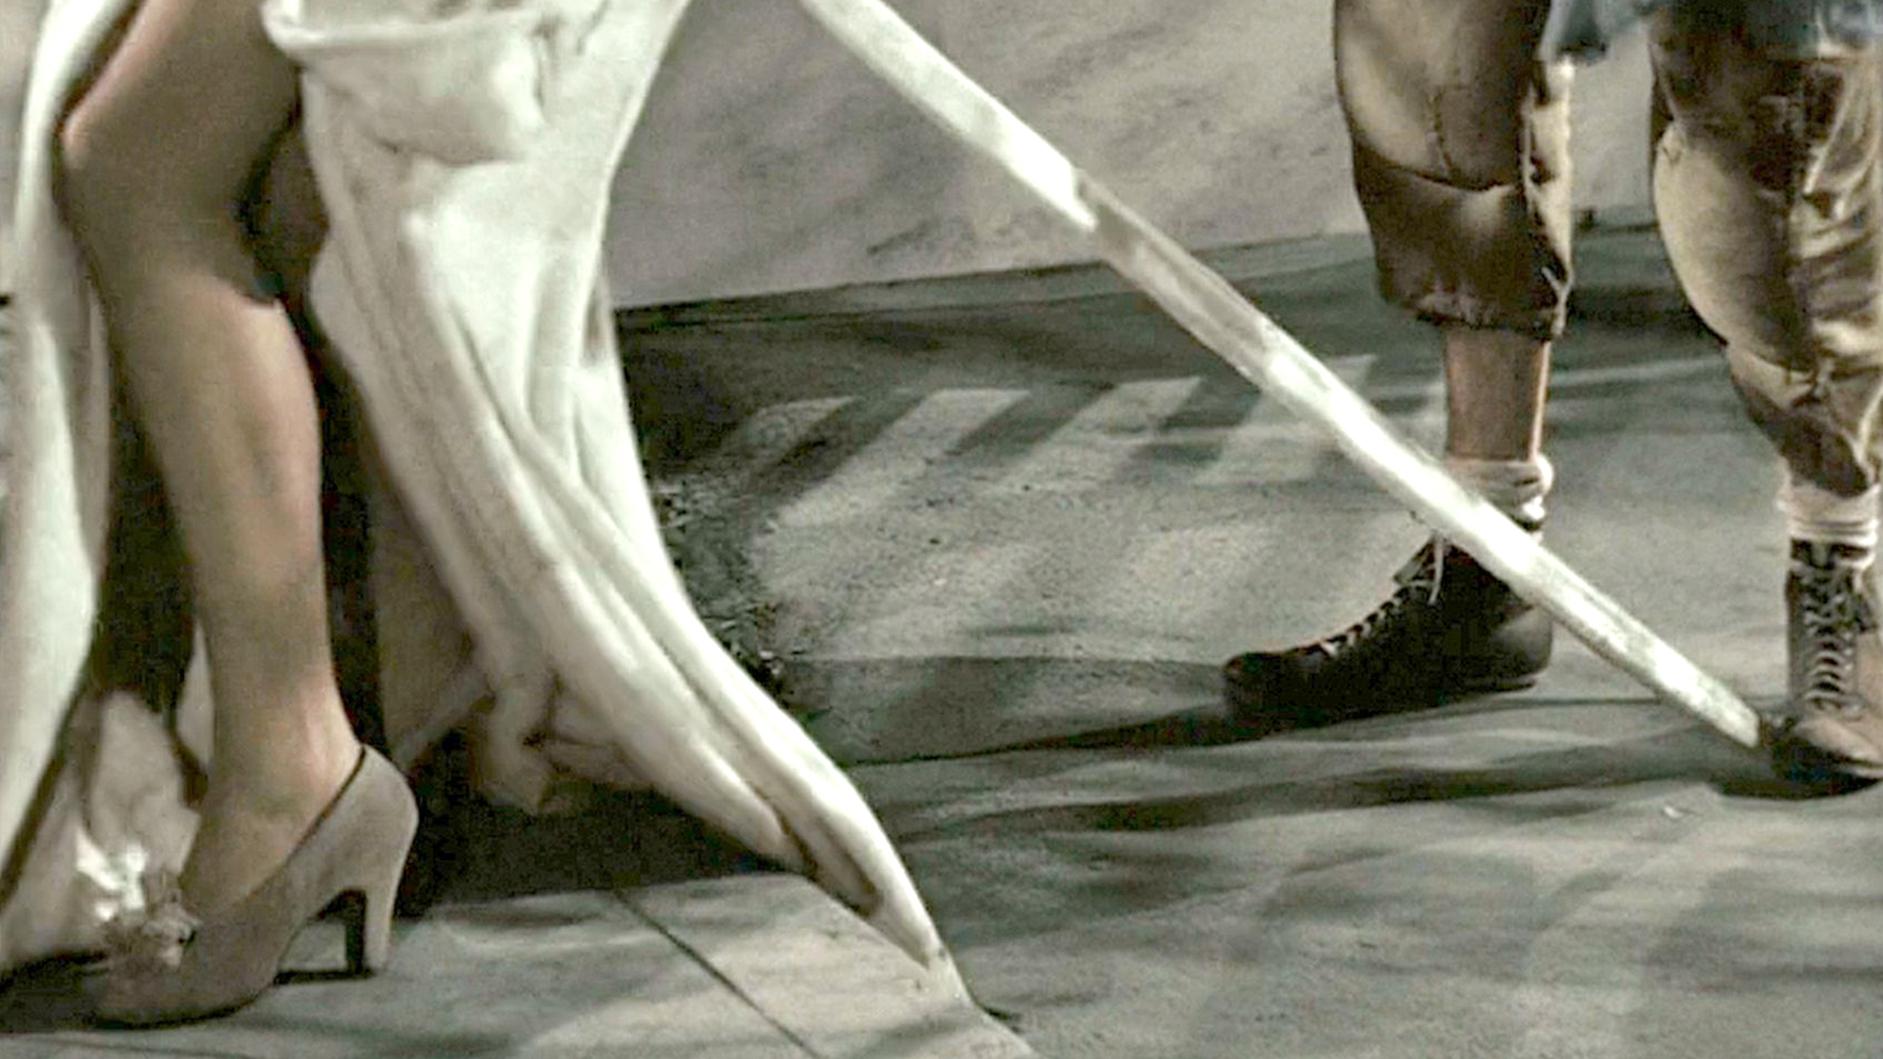 豆瓣9.3分,1946年上映的高分治愈神作,可惜看过的人太少了!速看奇幻电影《生活多美好》